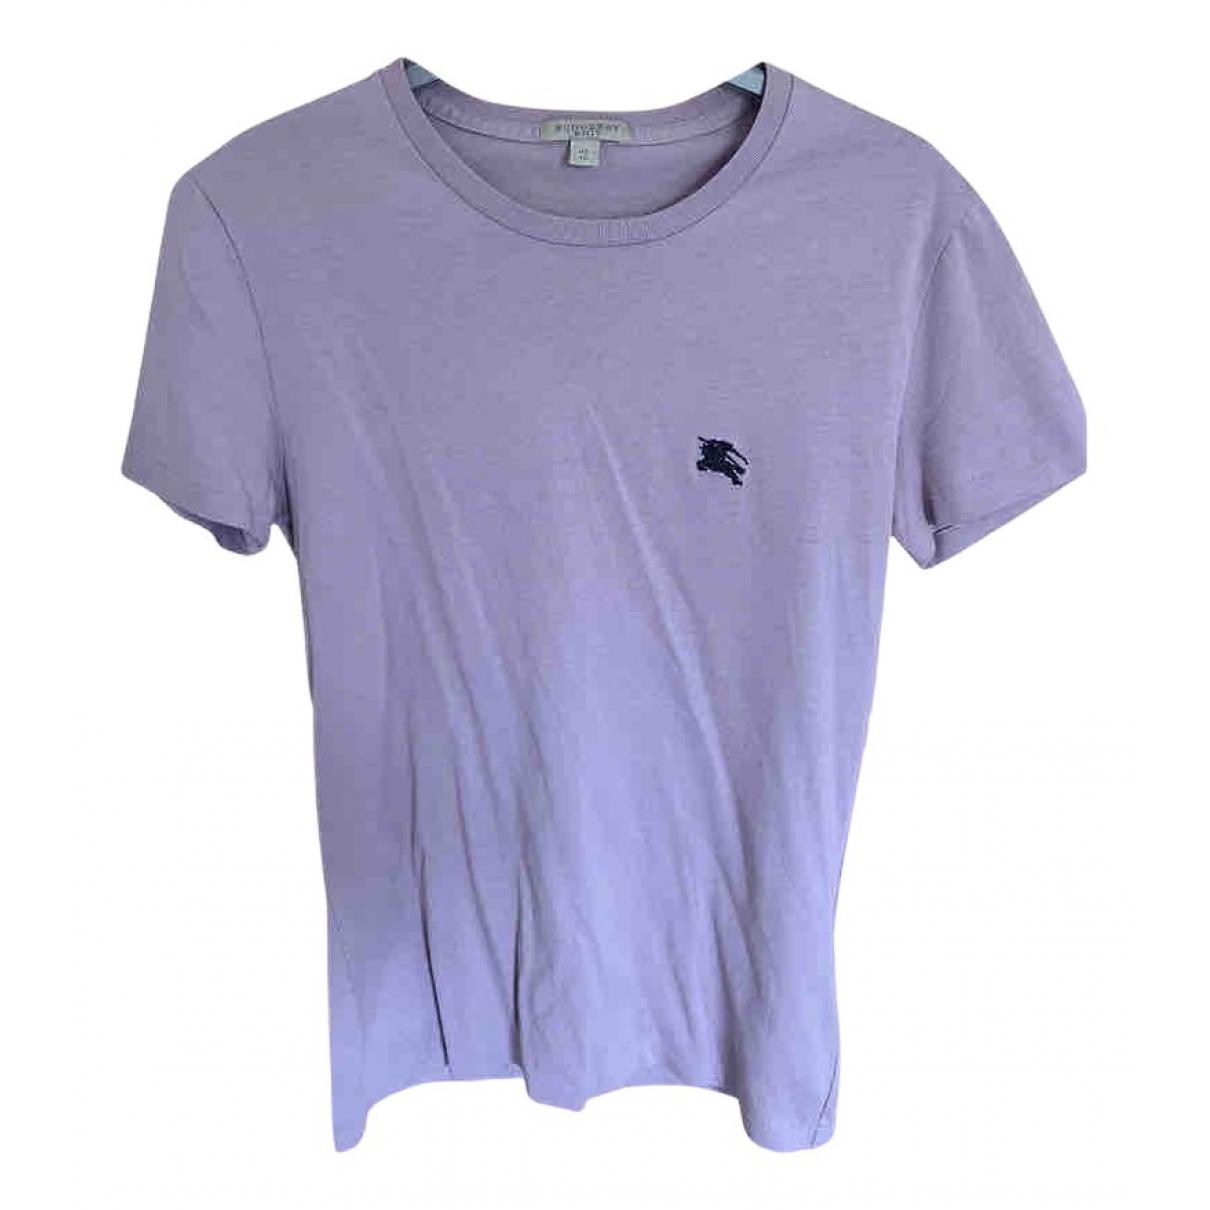 Burberry - Tee shirts   pour homme en coton - violet